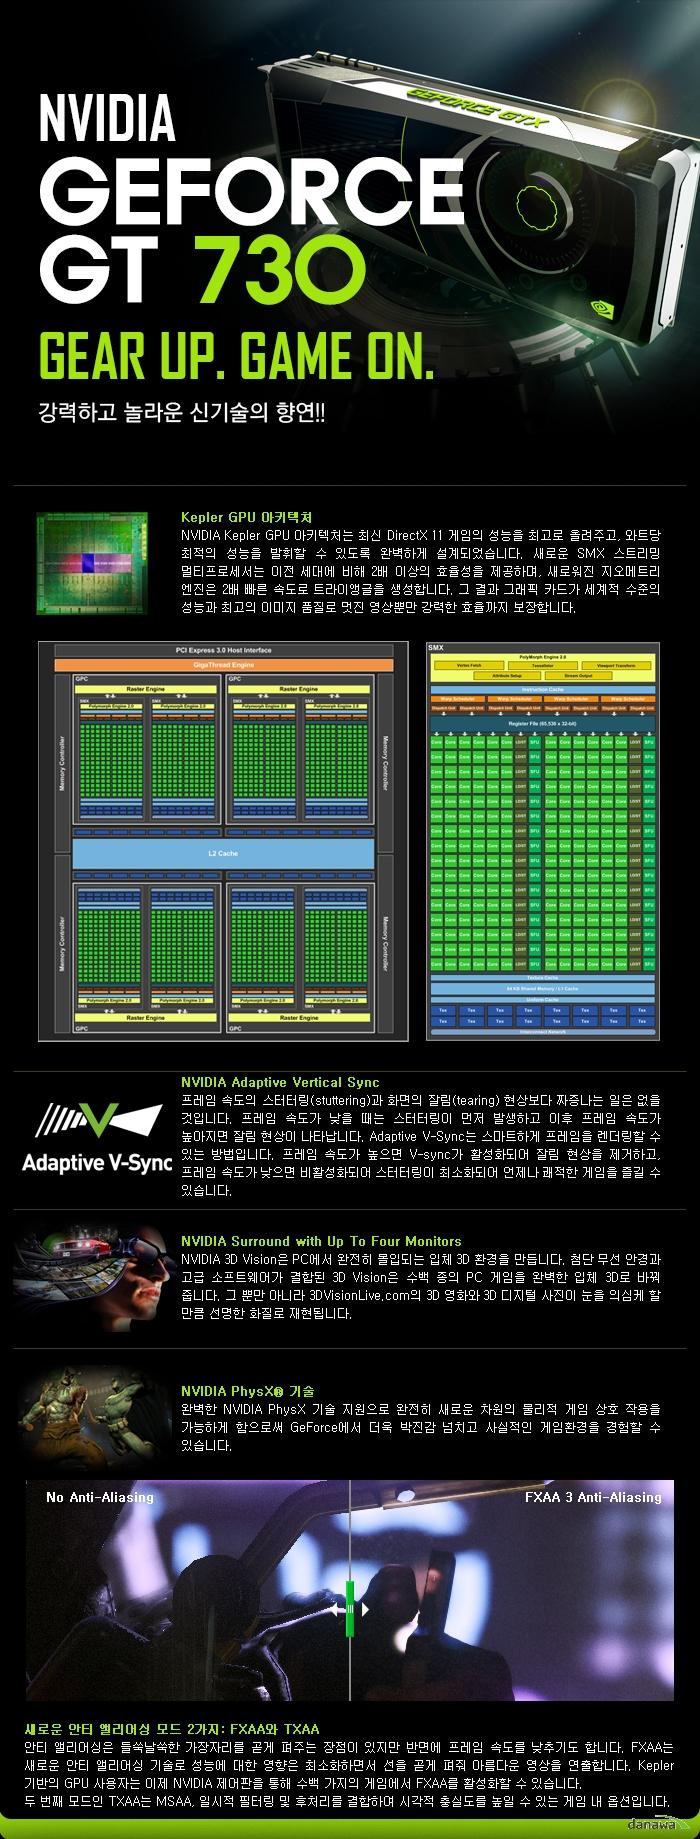 inno3D Mach inno3D 지포스 GT730 D3 1GB LP 무소음 제품 기술설명